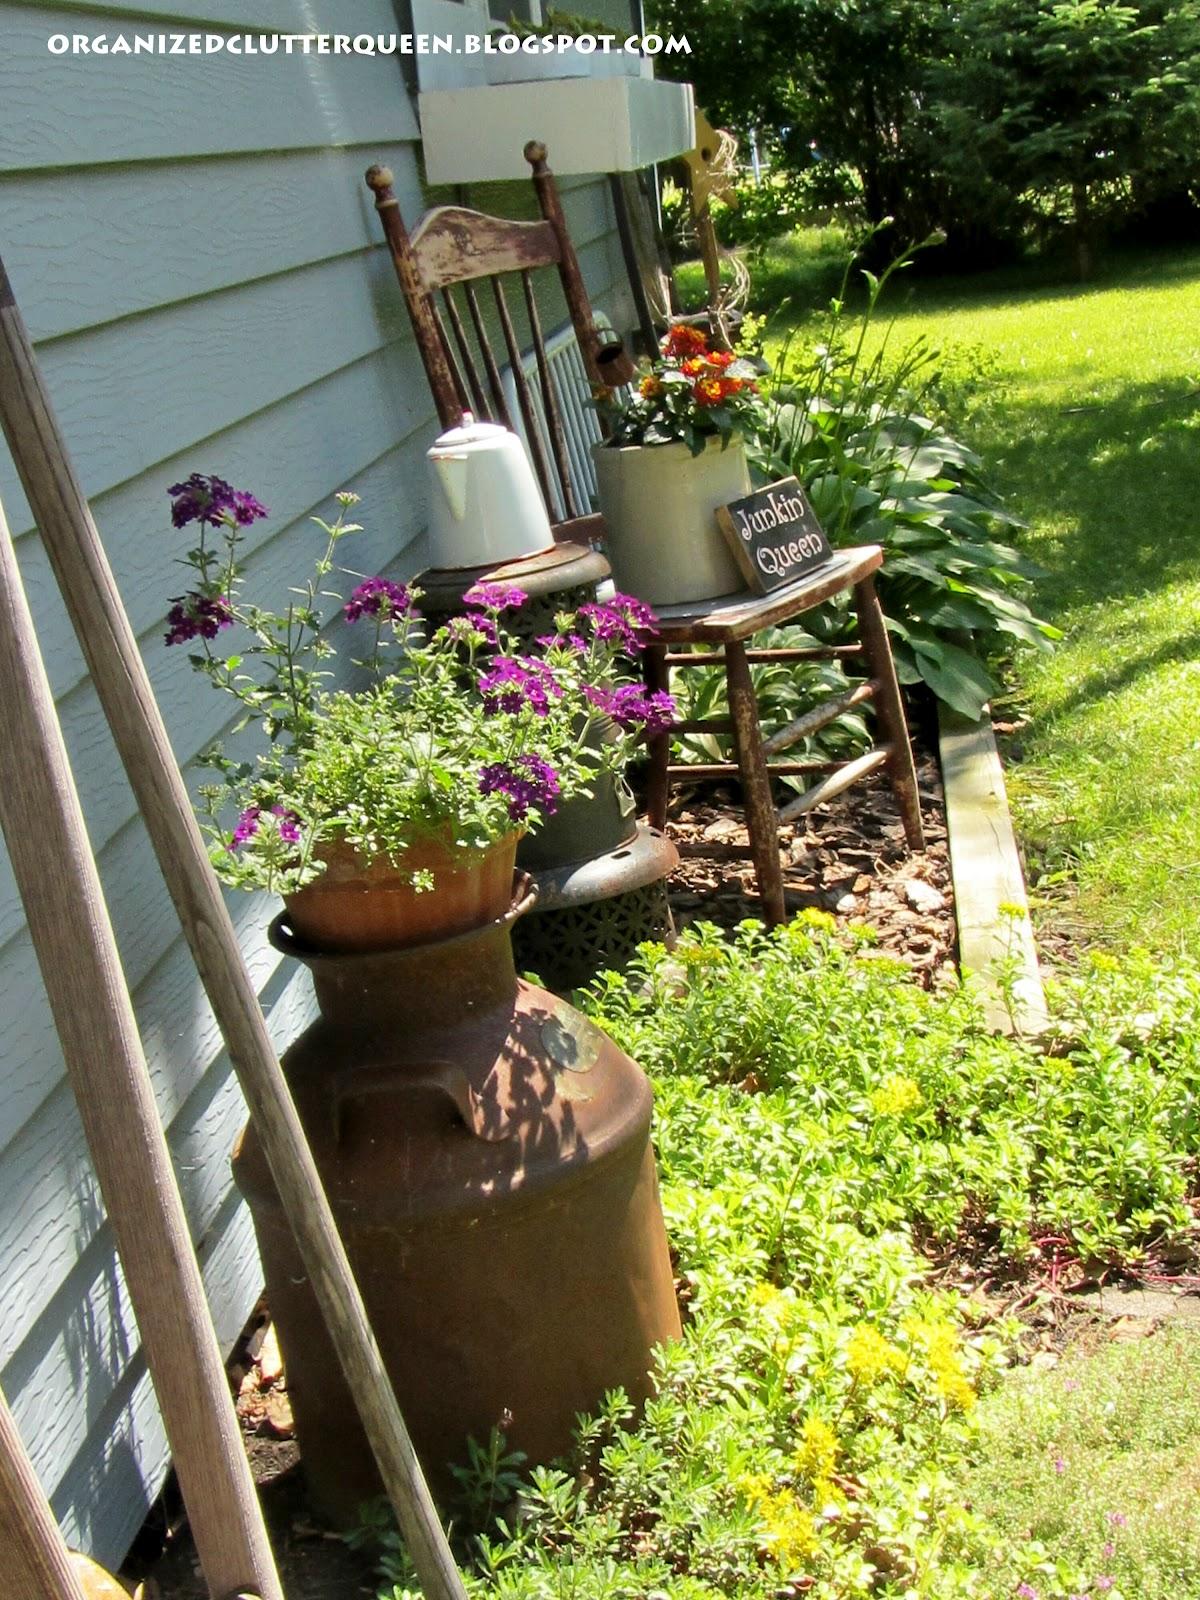 My Top Flower Junk Garden Posts Of 2012 Organized Clutter